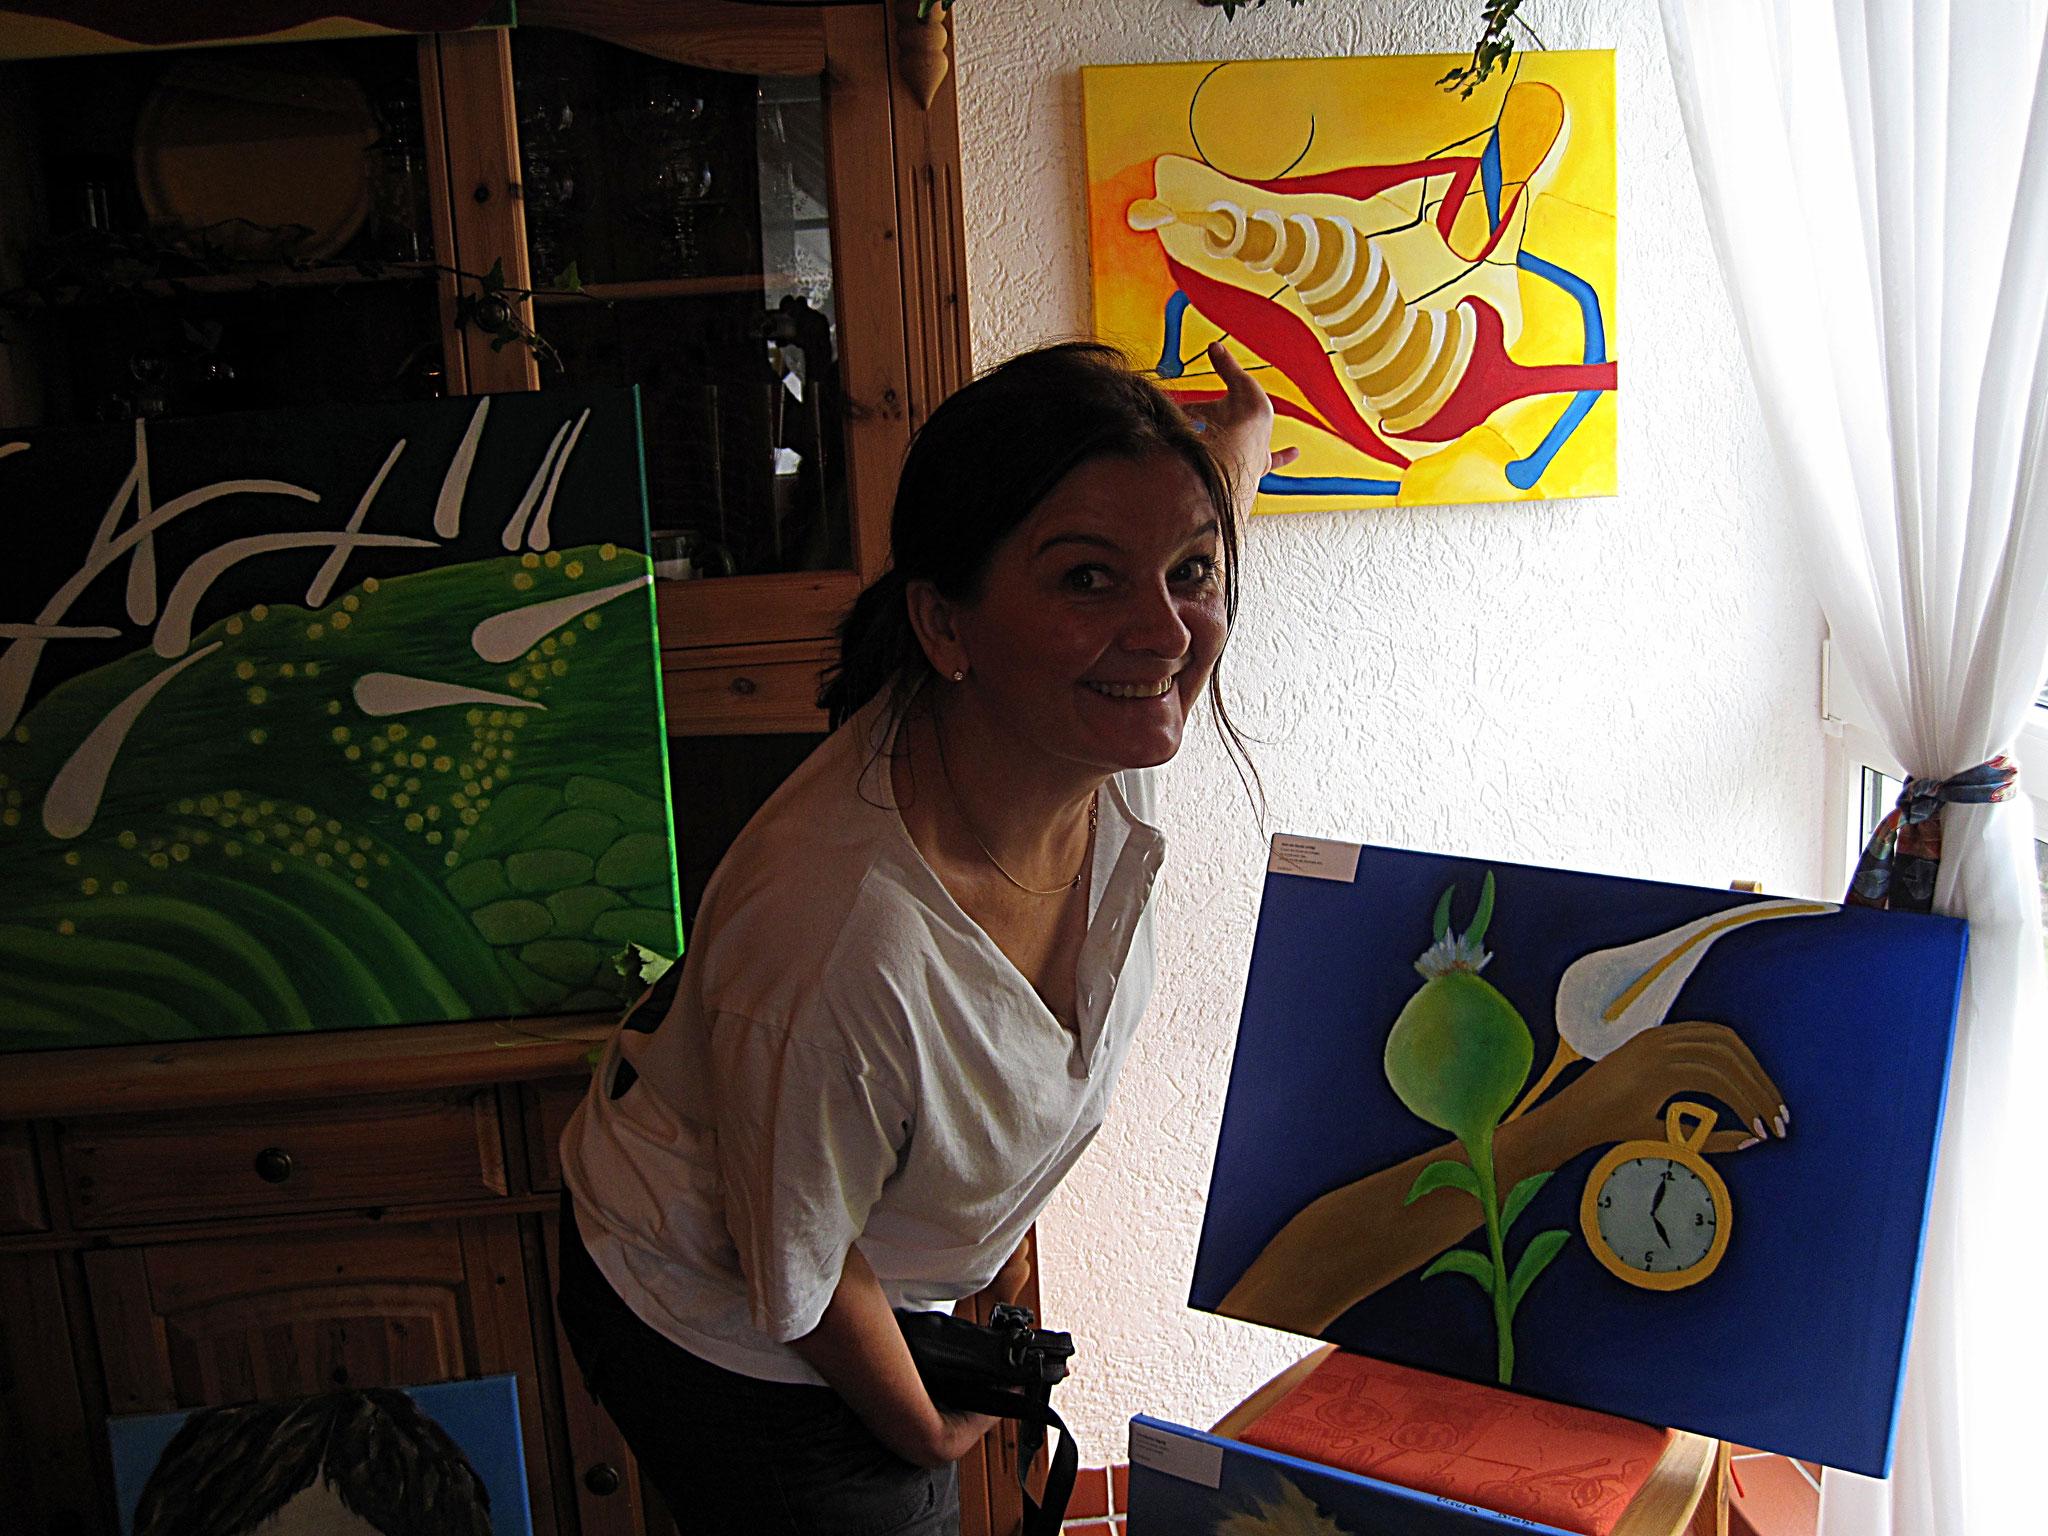 Künstlerin Ursula Diehl aus Worms